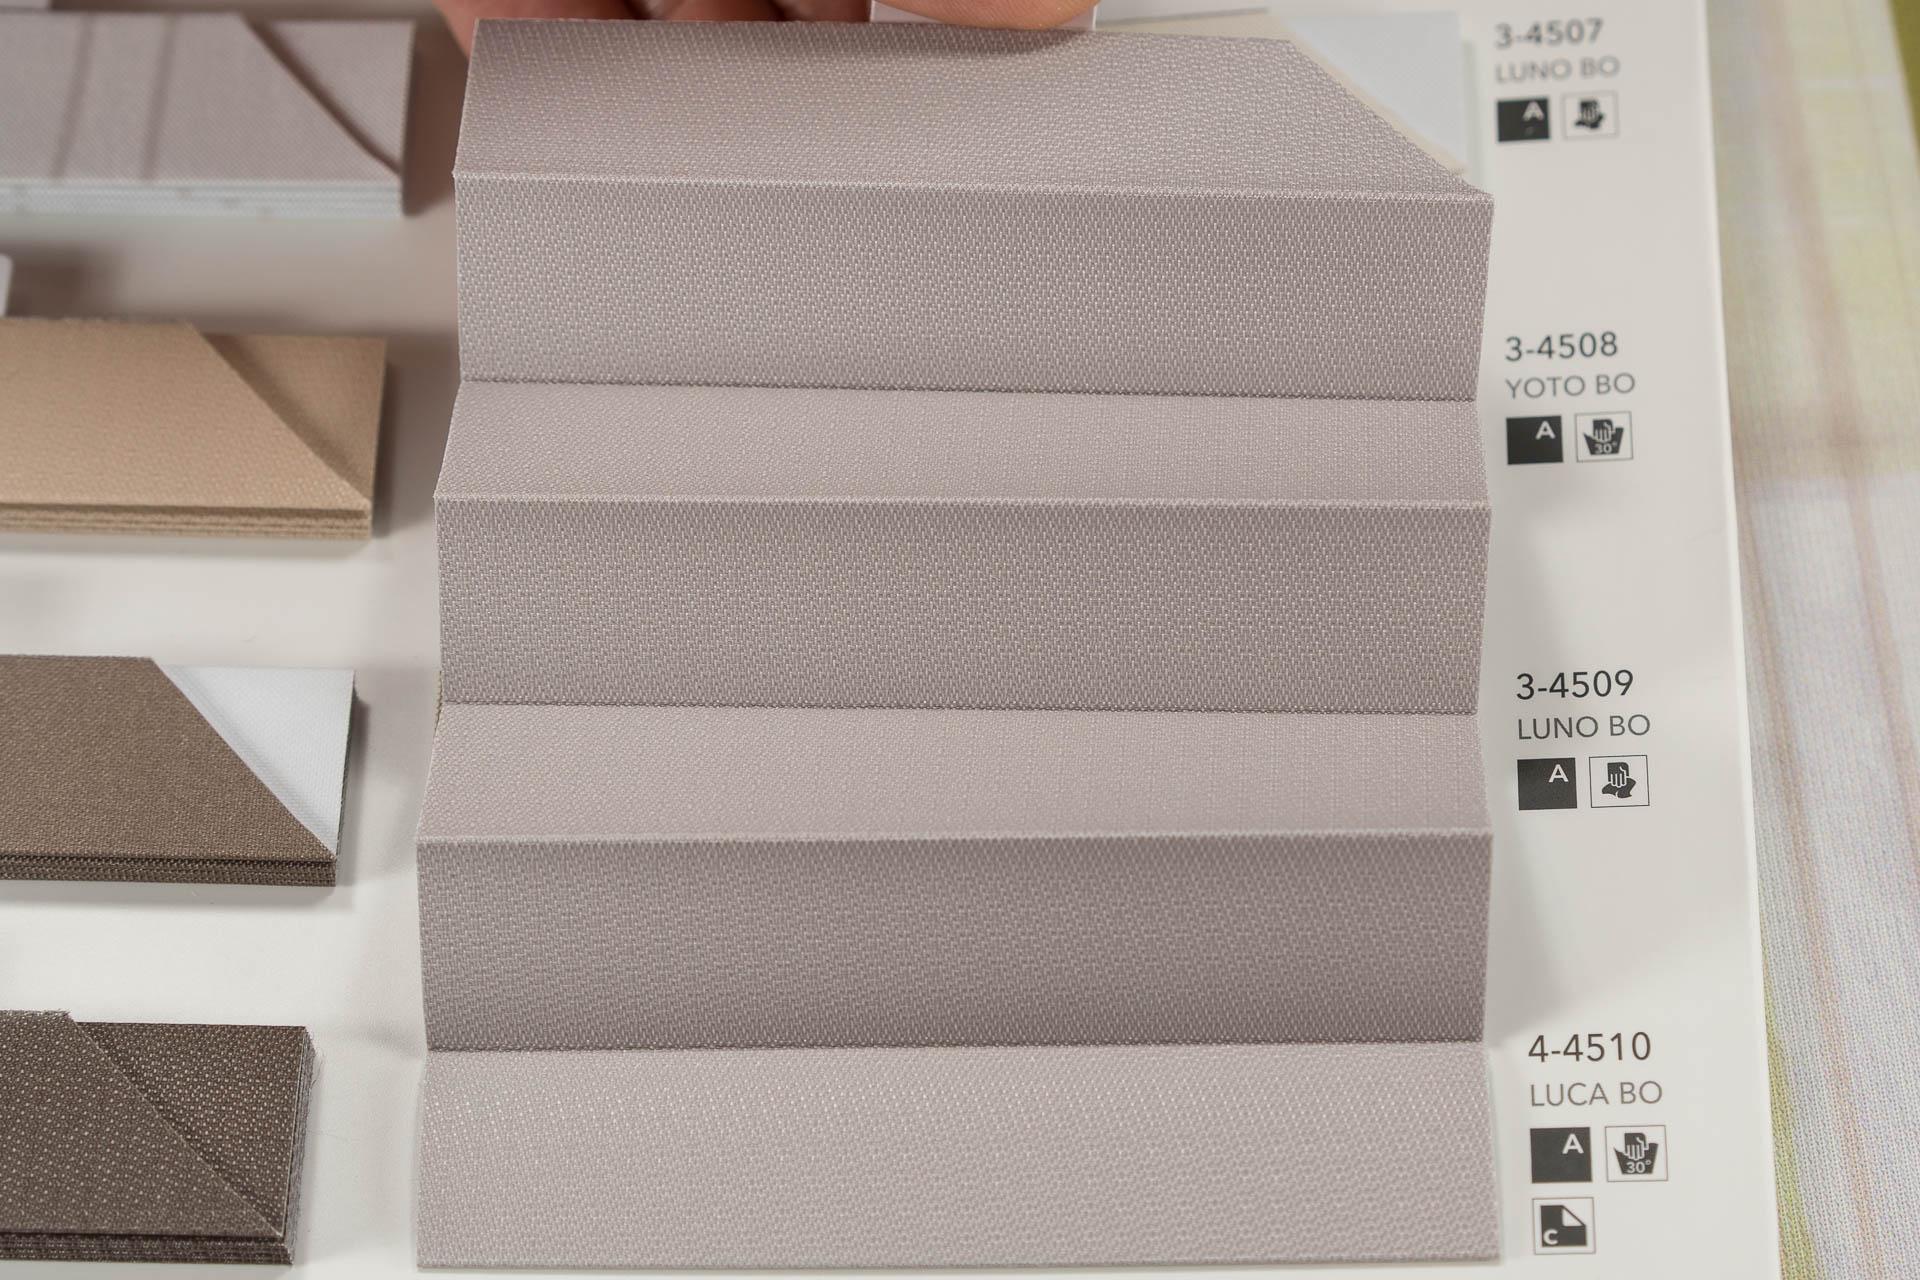 """MHZ Plissee Abdunklungs-Stoff Muster aus der Farbkarte """"16 blackout Seite 1""""   Material: 100 % PES"""